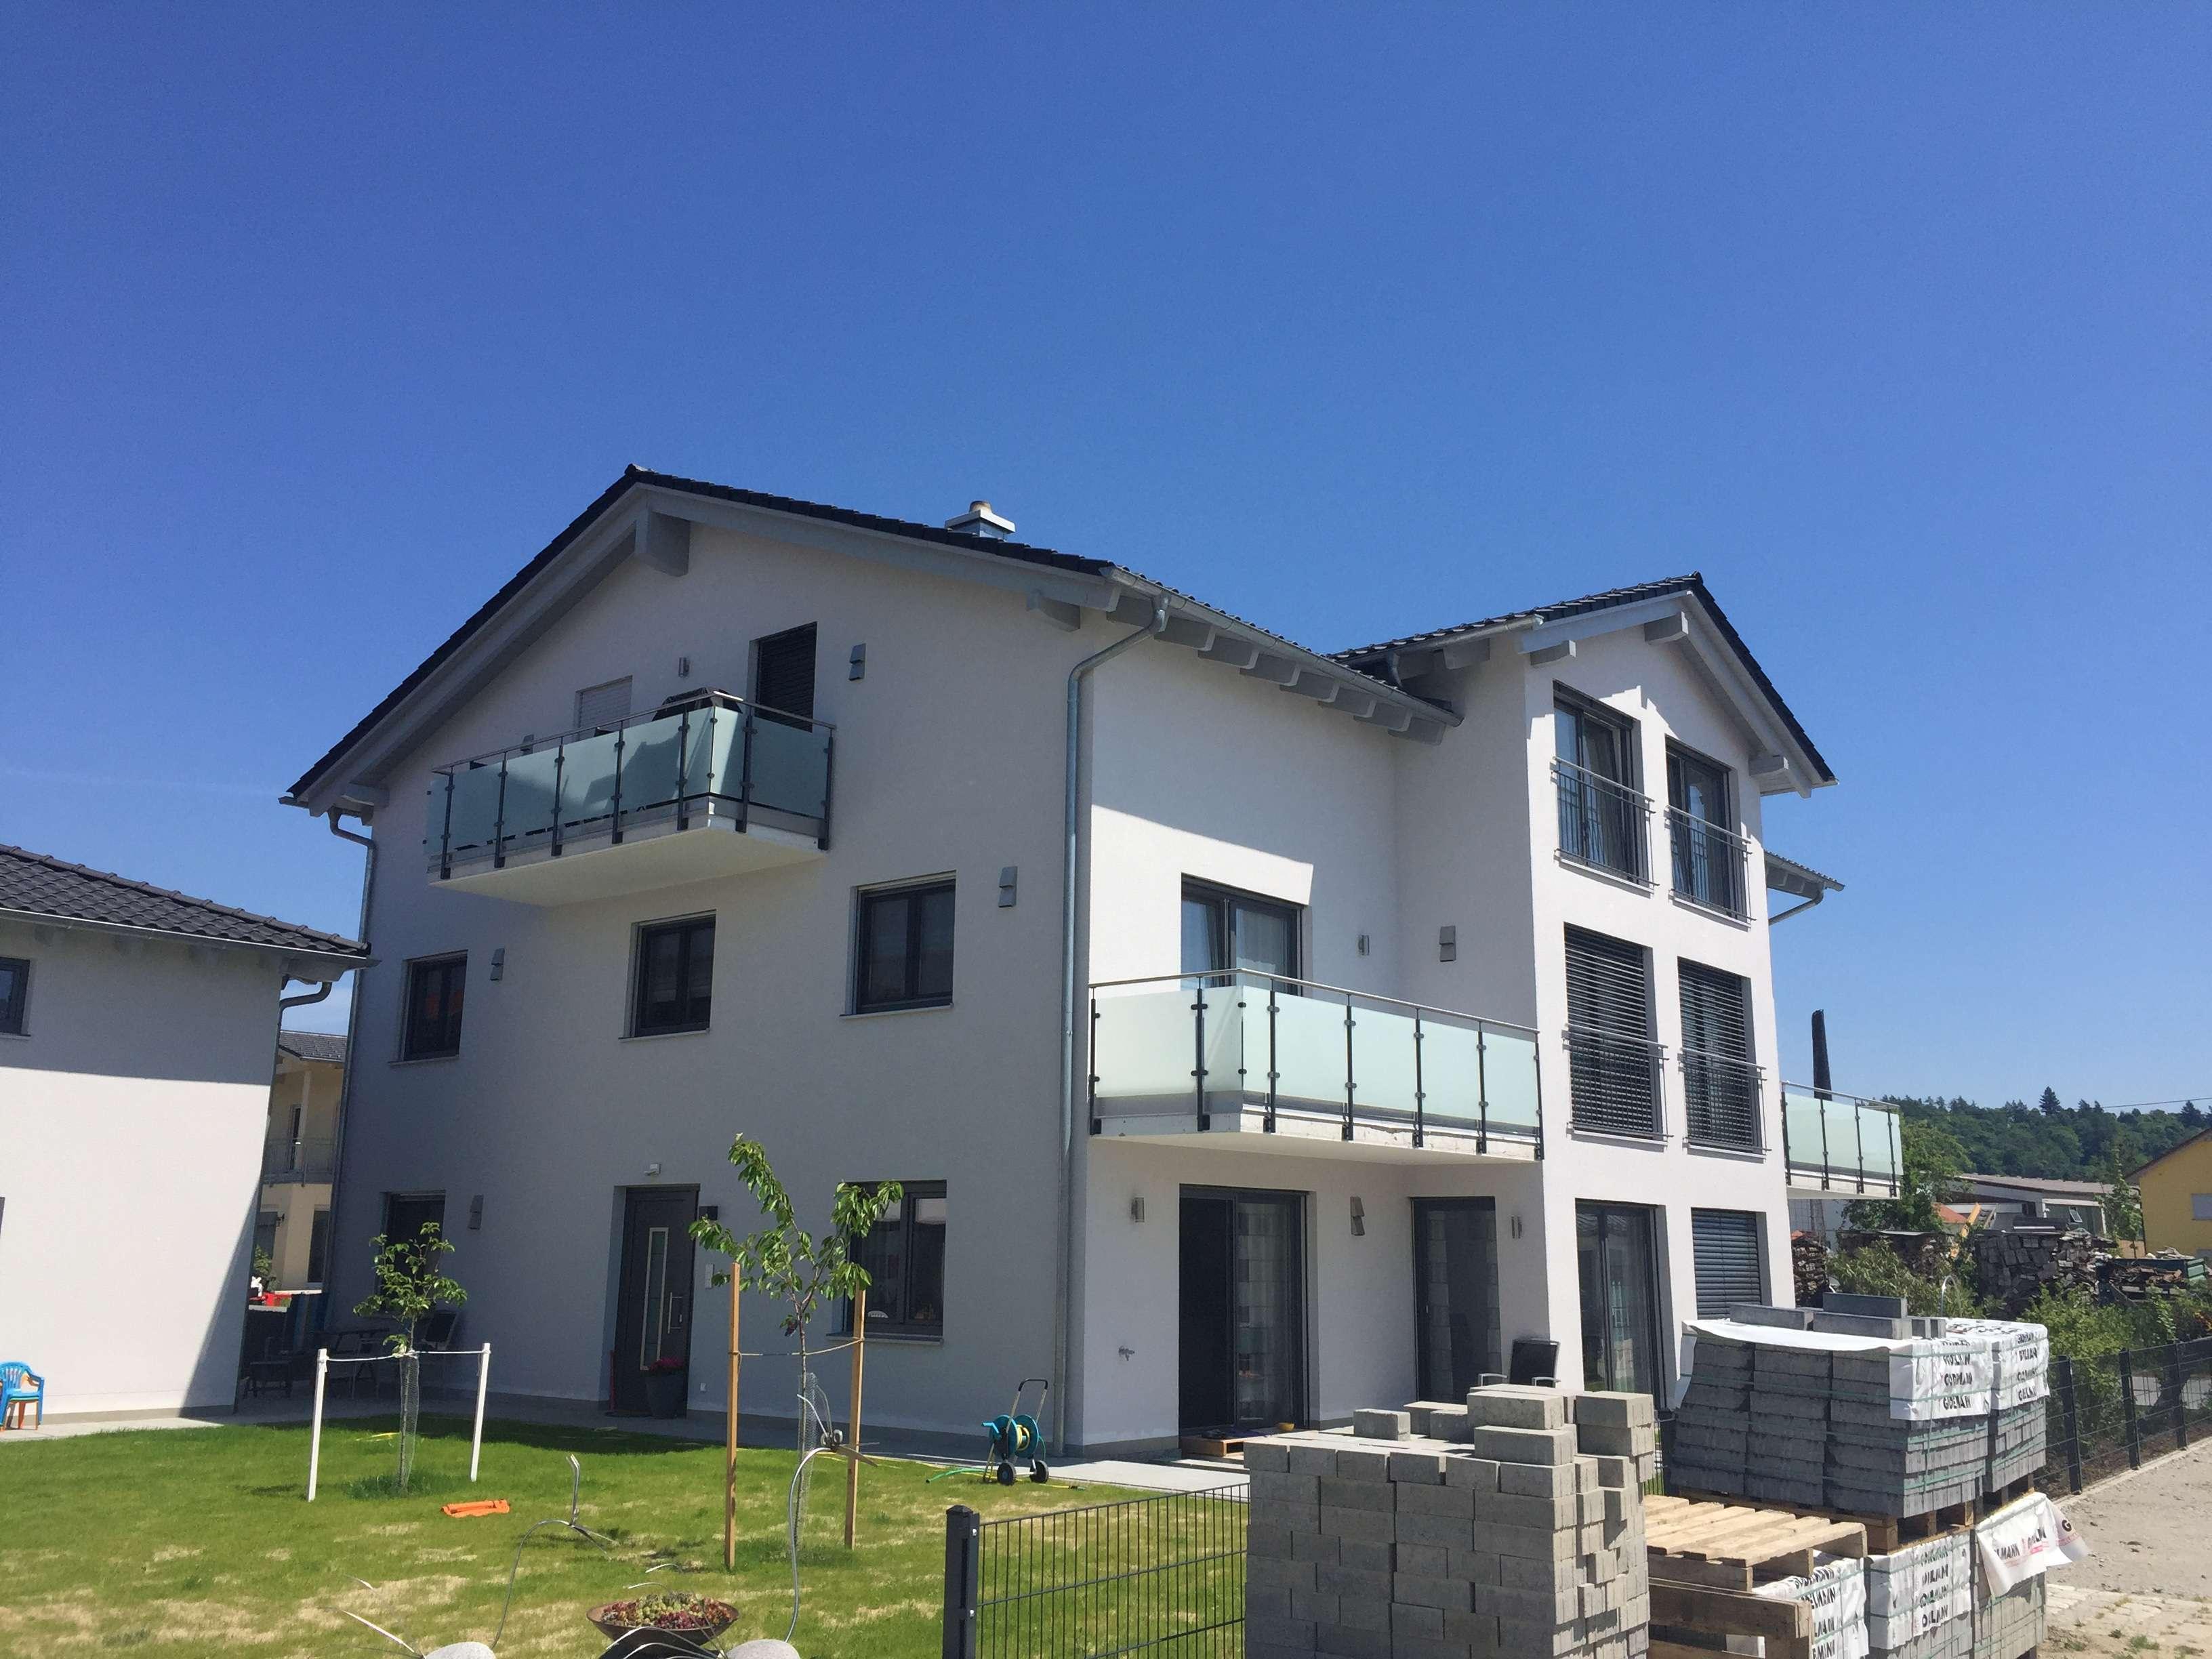 Neuwertige 2-Raum-DG-Wohnung mit Balkon in Deggendorf in Deggendorf